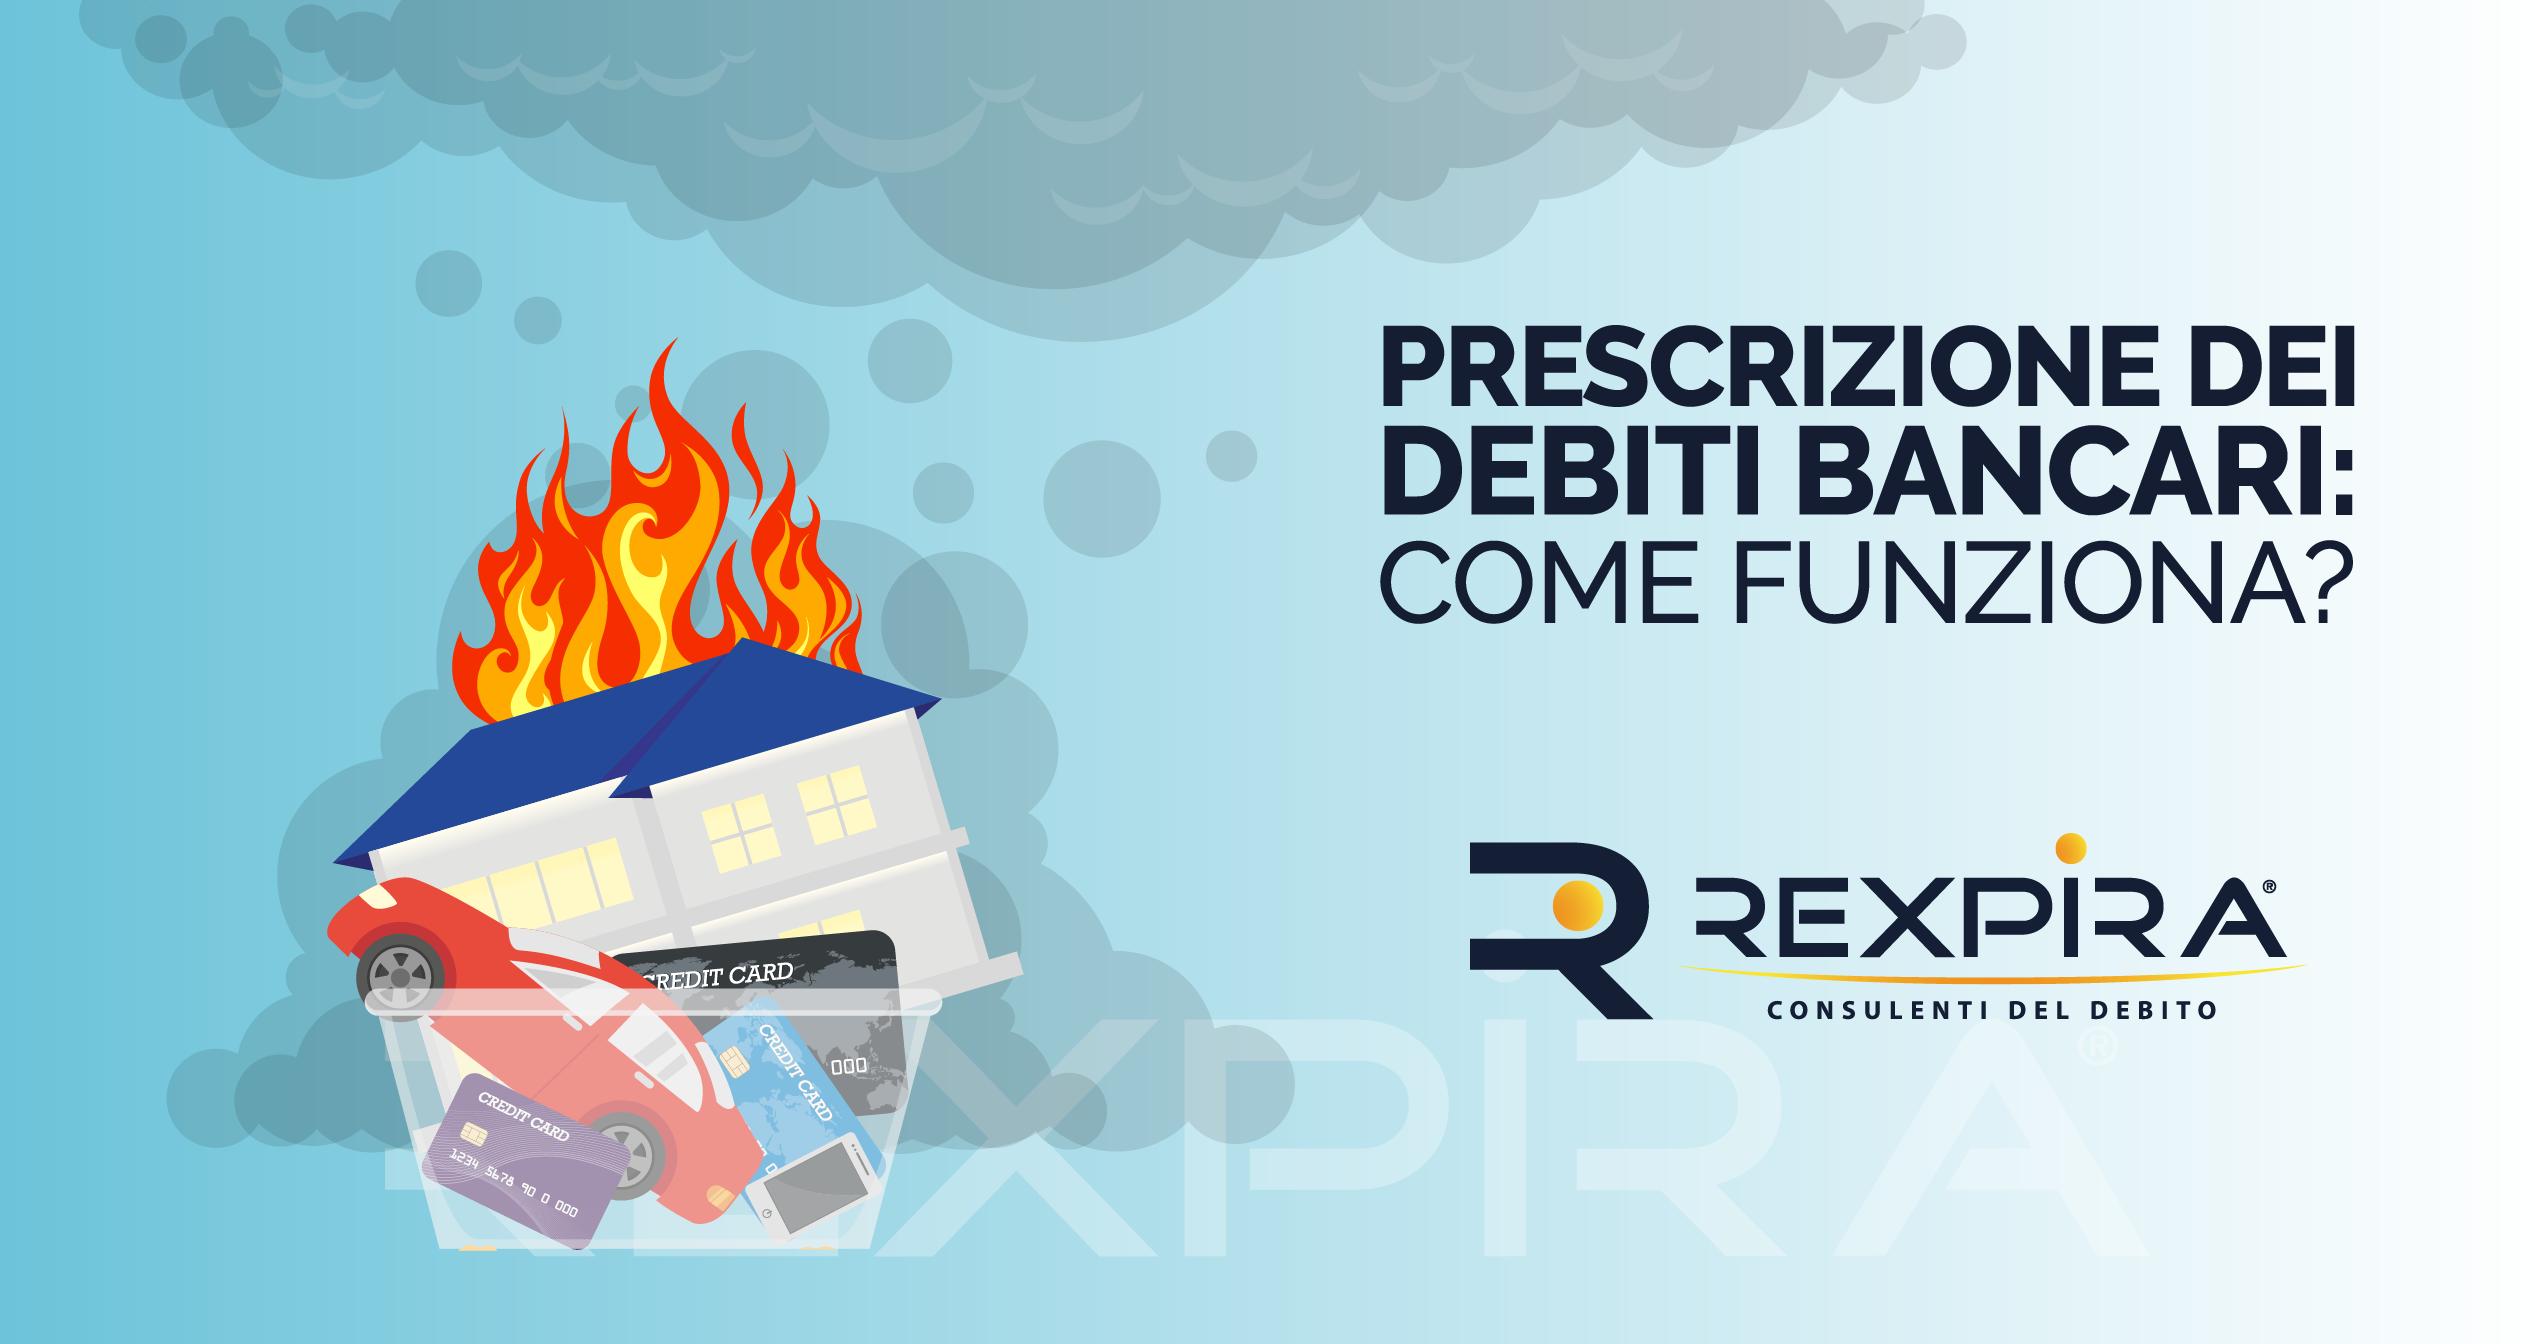 Prescrizione dei debiti bancari